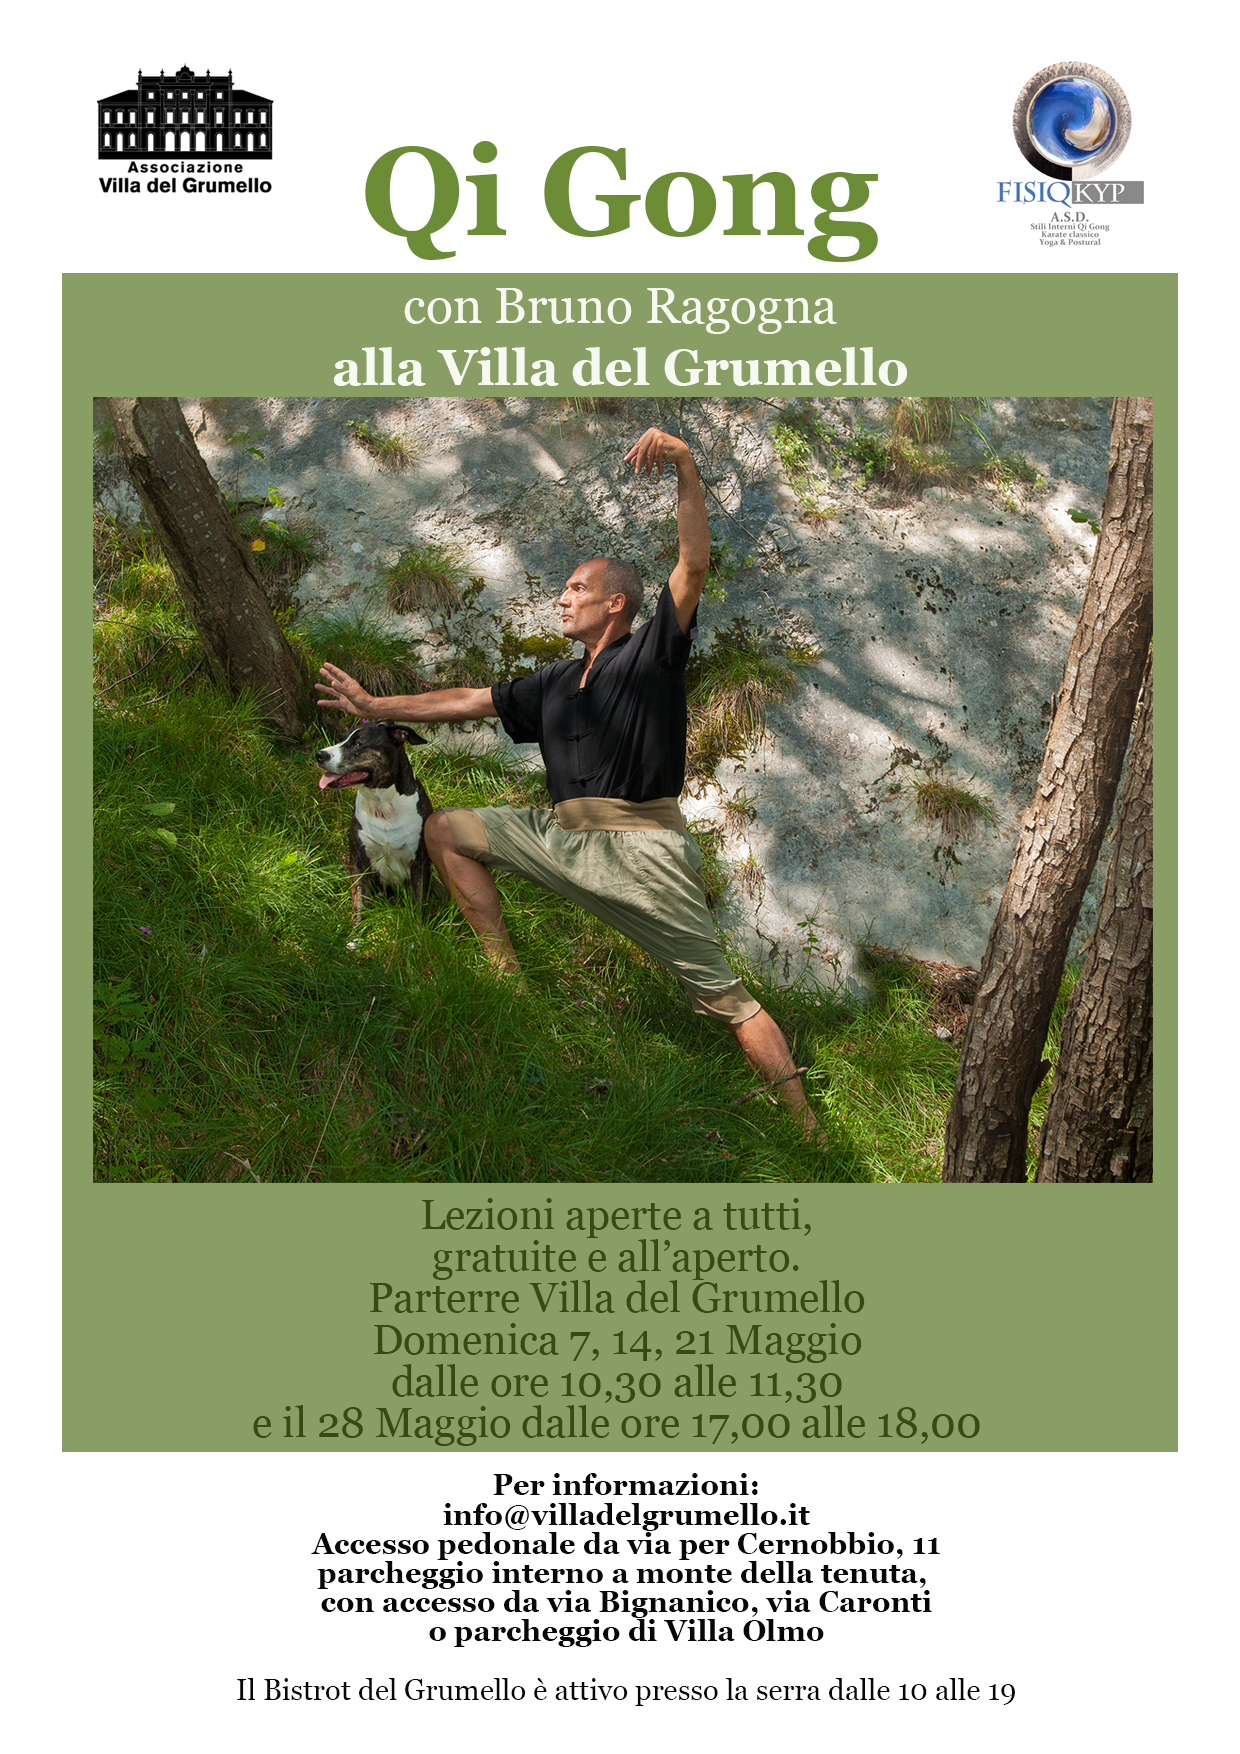 villa-grumello-qi-gong-17-corretto